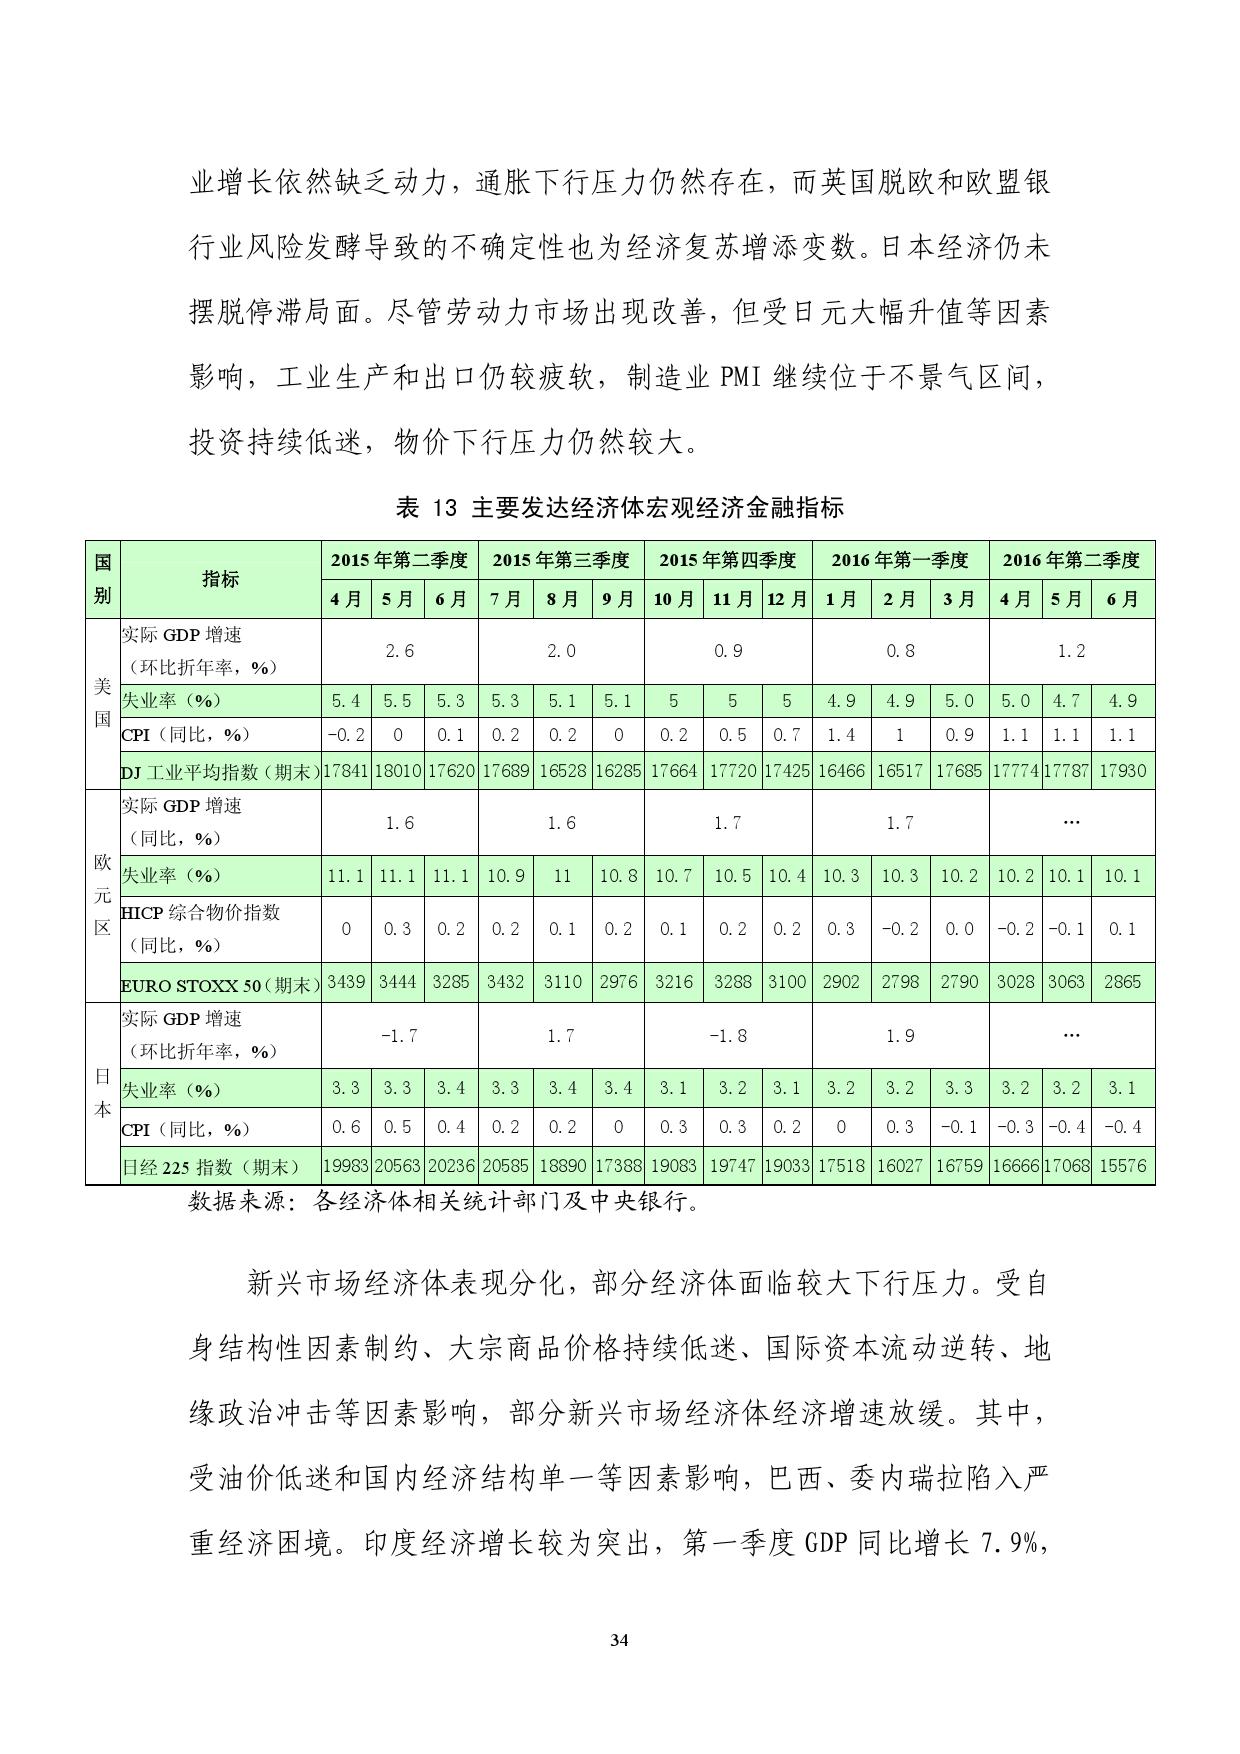 2016年Q2中国货币政策执行报告_000040